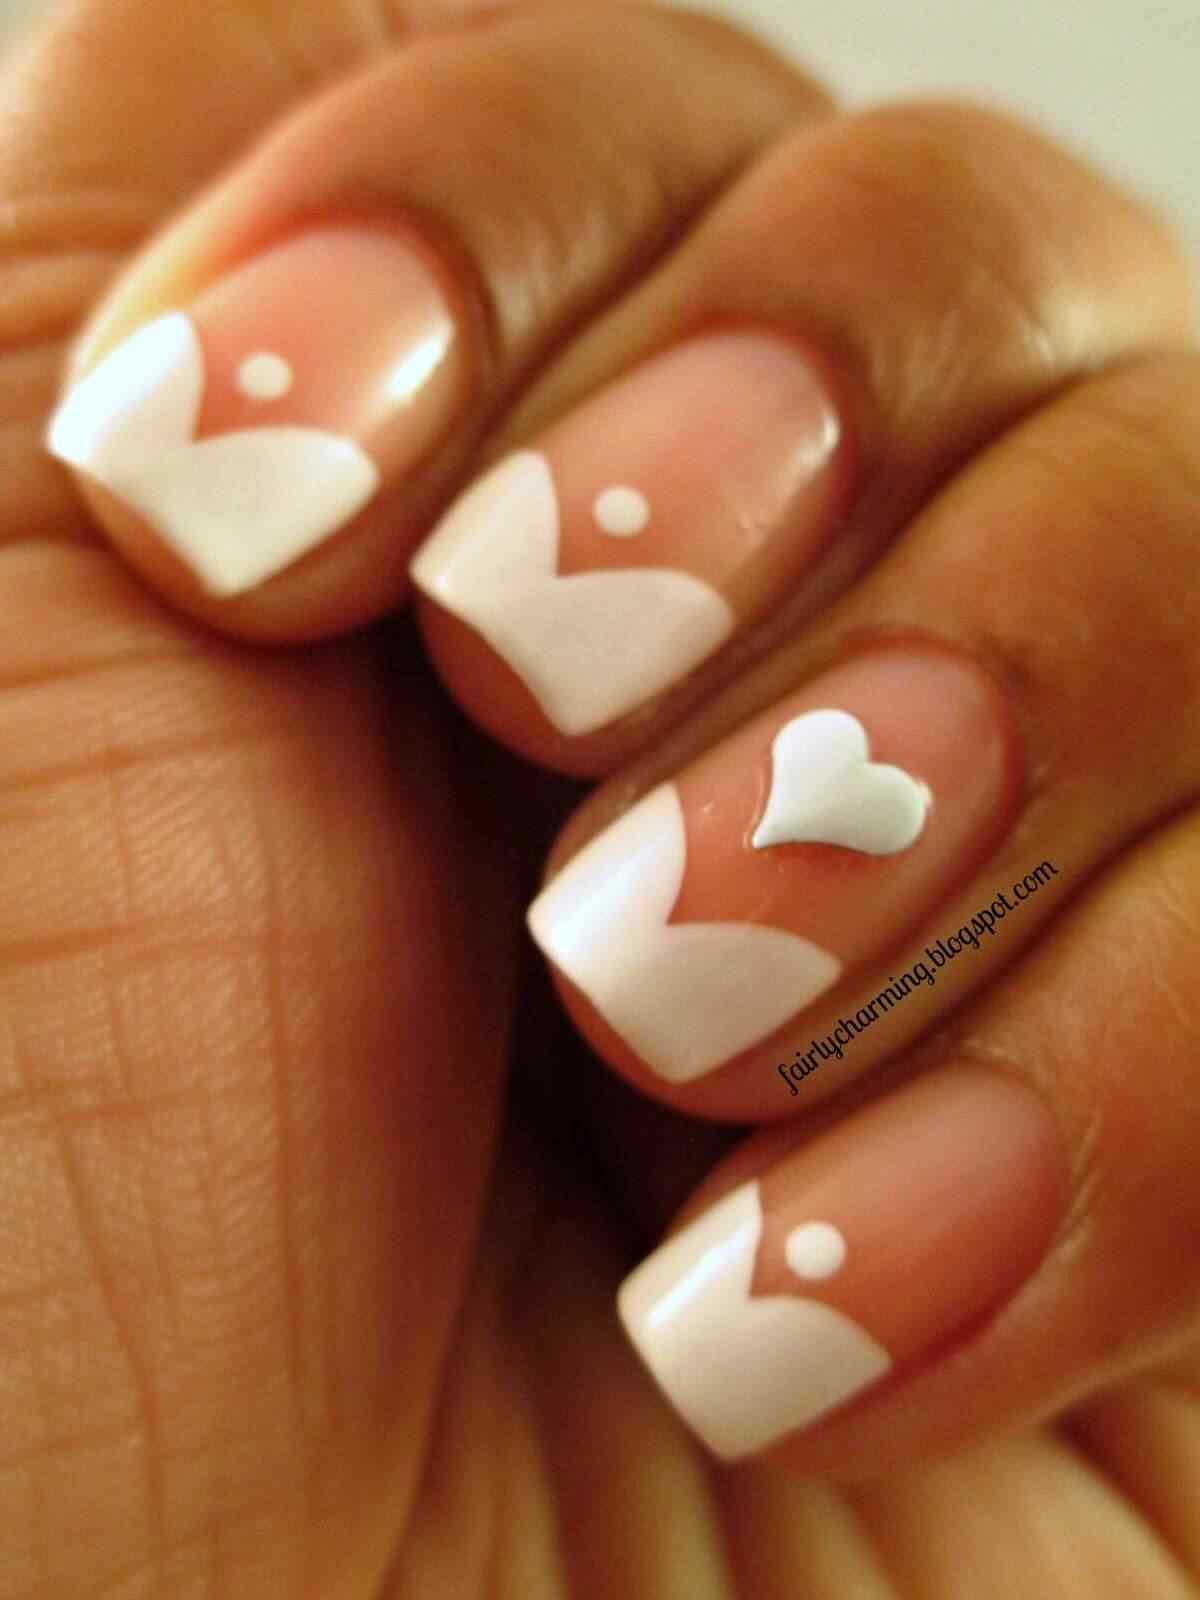 unas decoradas con corazones (5)